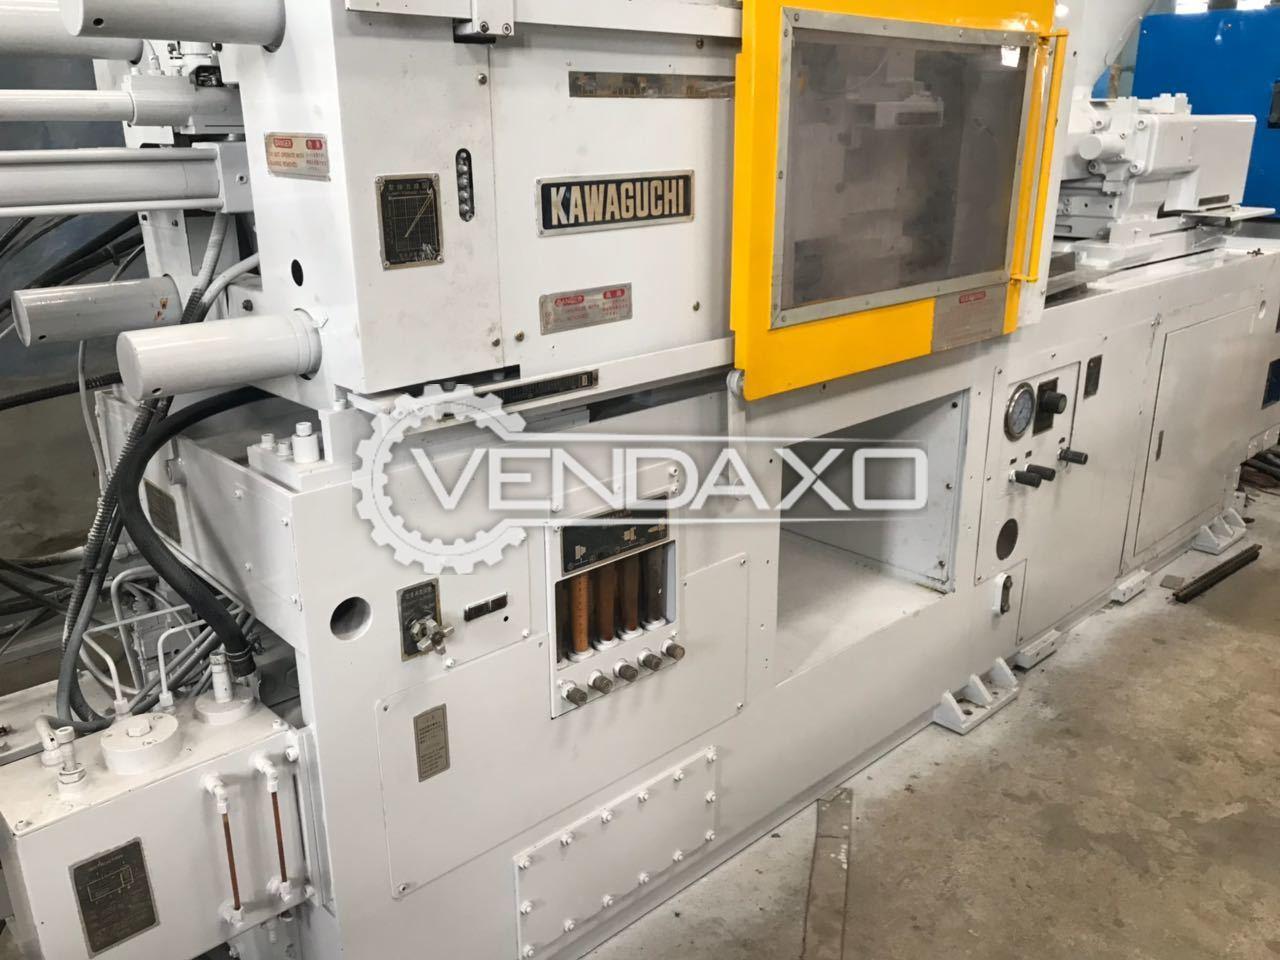 Kawaguchi Injection Moulding Machine K80 - 80 Ton